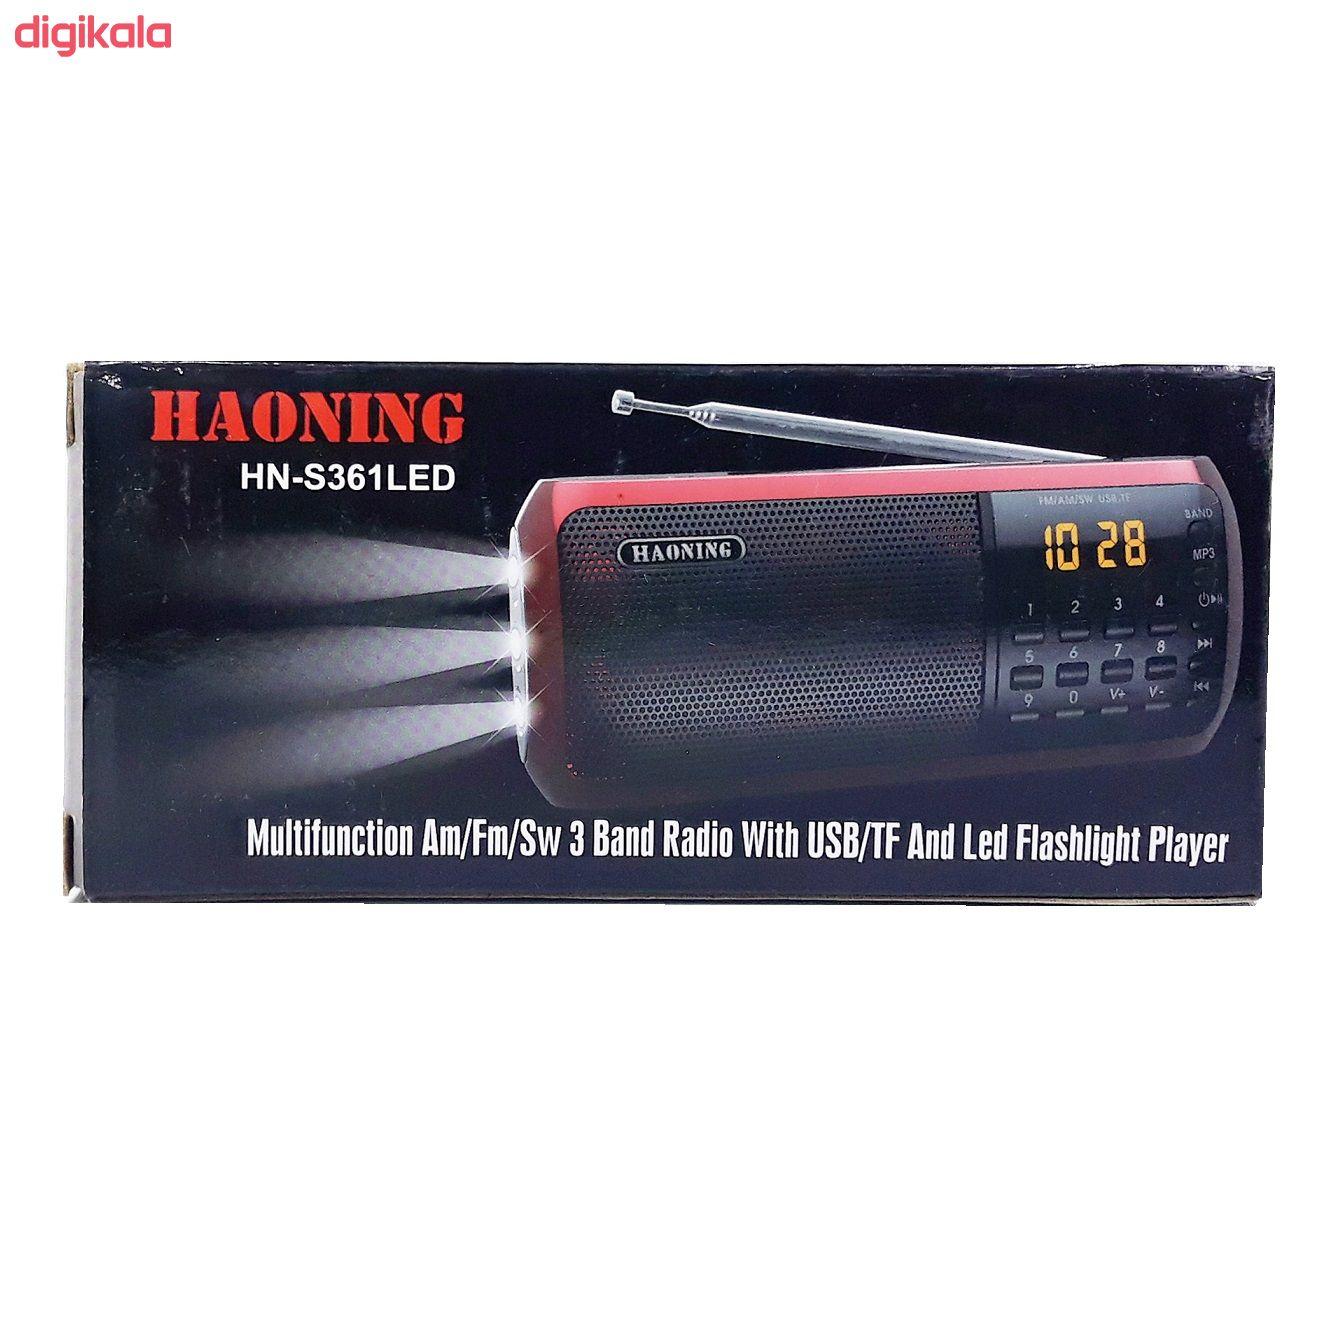 رادیو هائونینگ مدل HN-361LED main 1 7